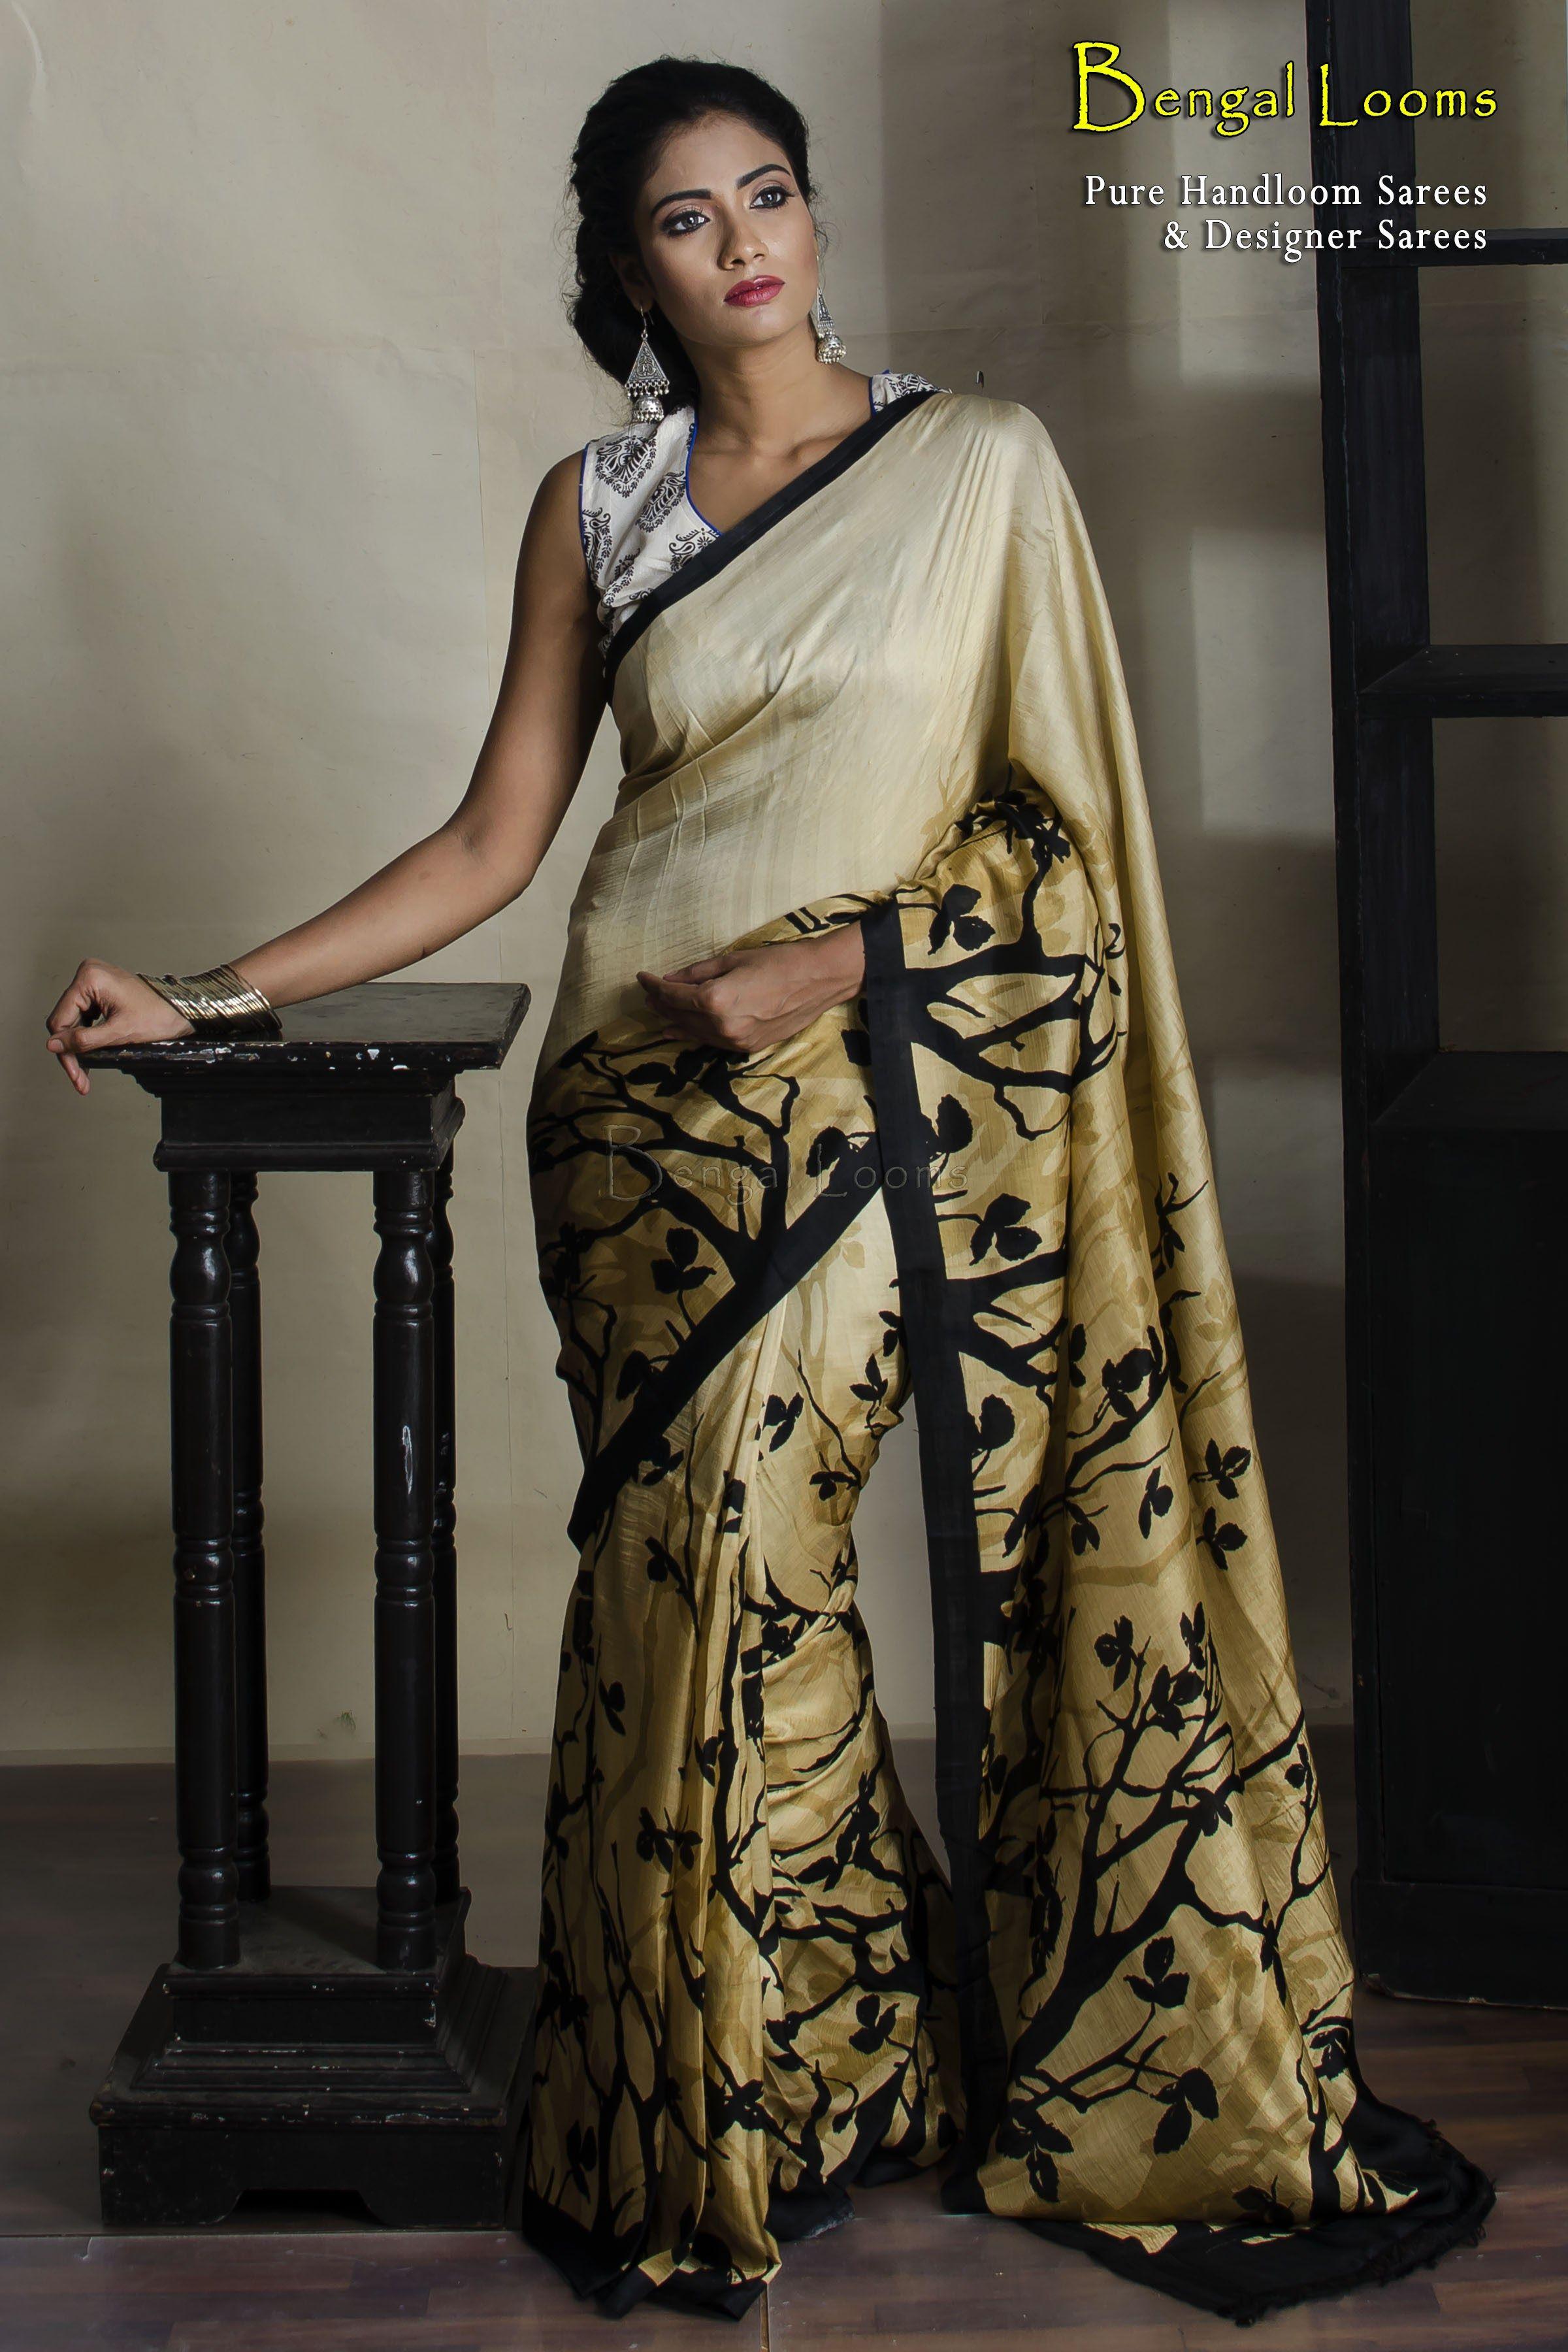 e9fa63b042 Beautiful Pure Digital Print Crepe Silk Saree in Cream , Beige and Black  color combination.